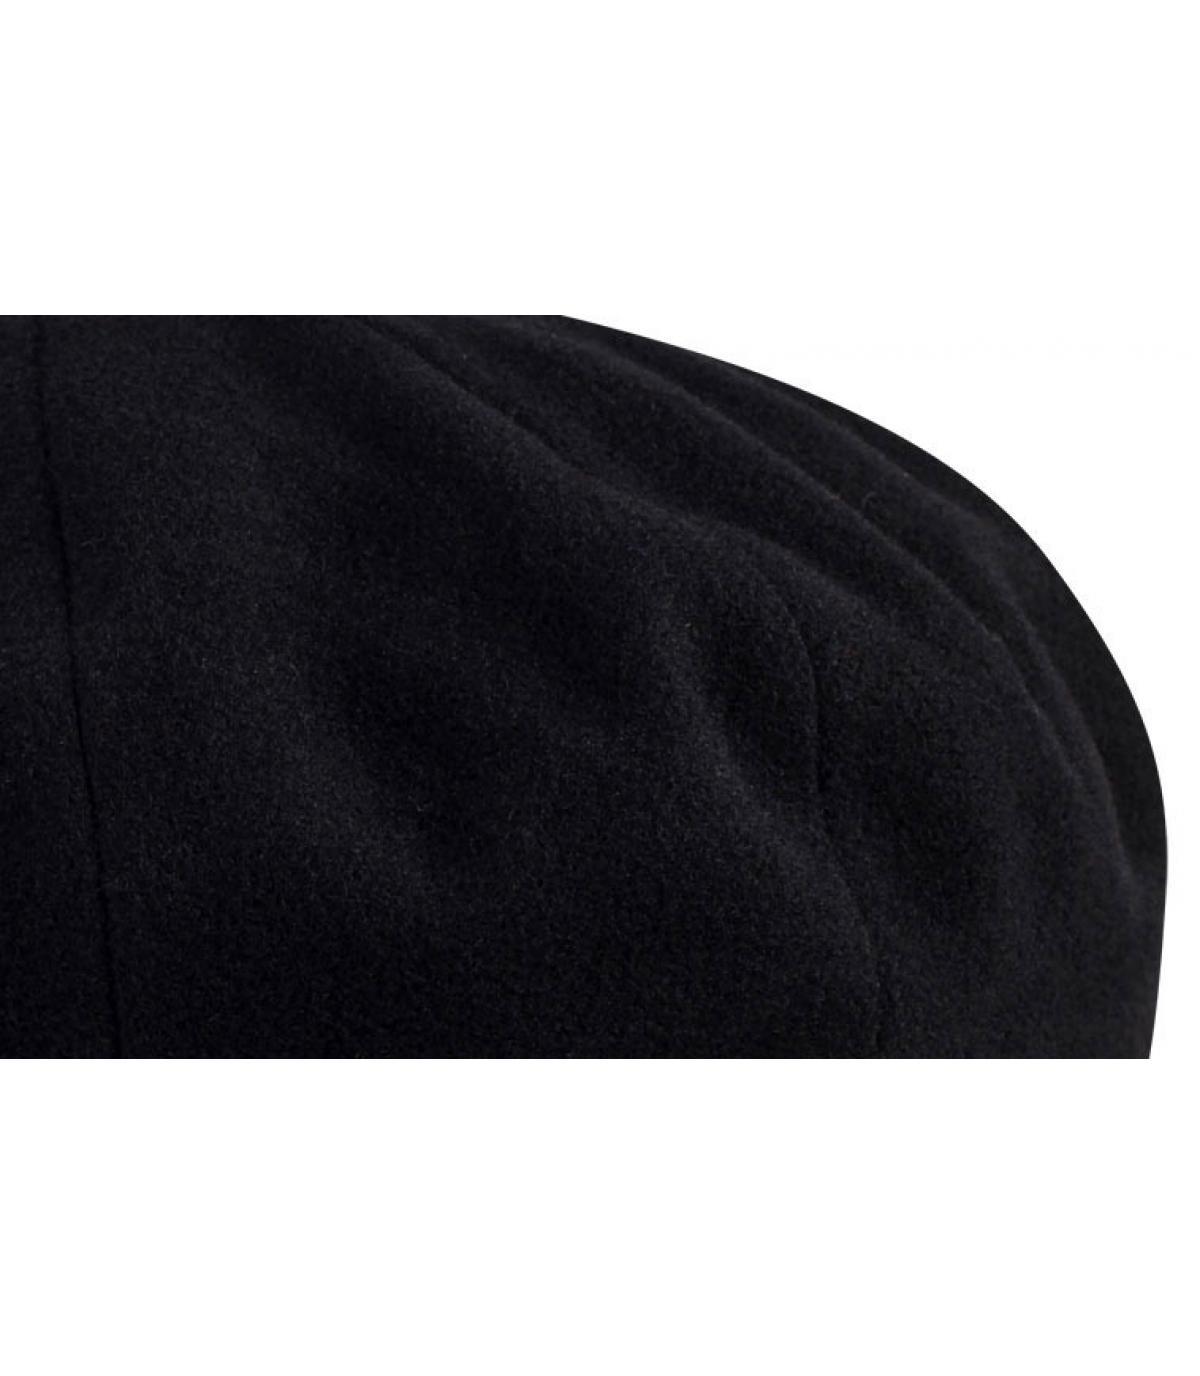 Détails Hatteras noire wool/cashmere - image 2